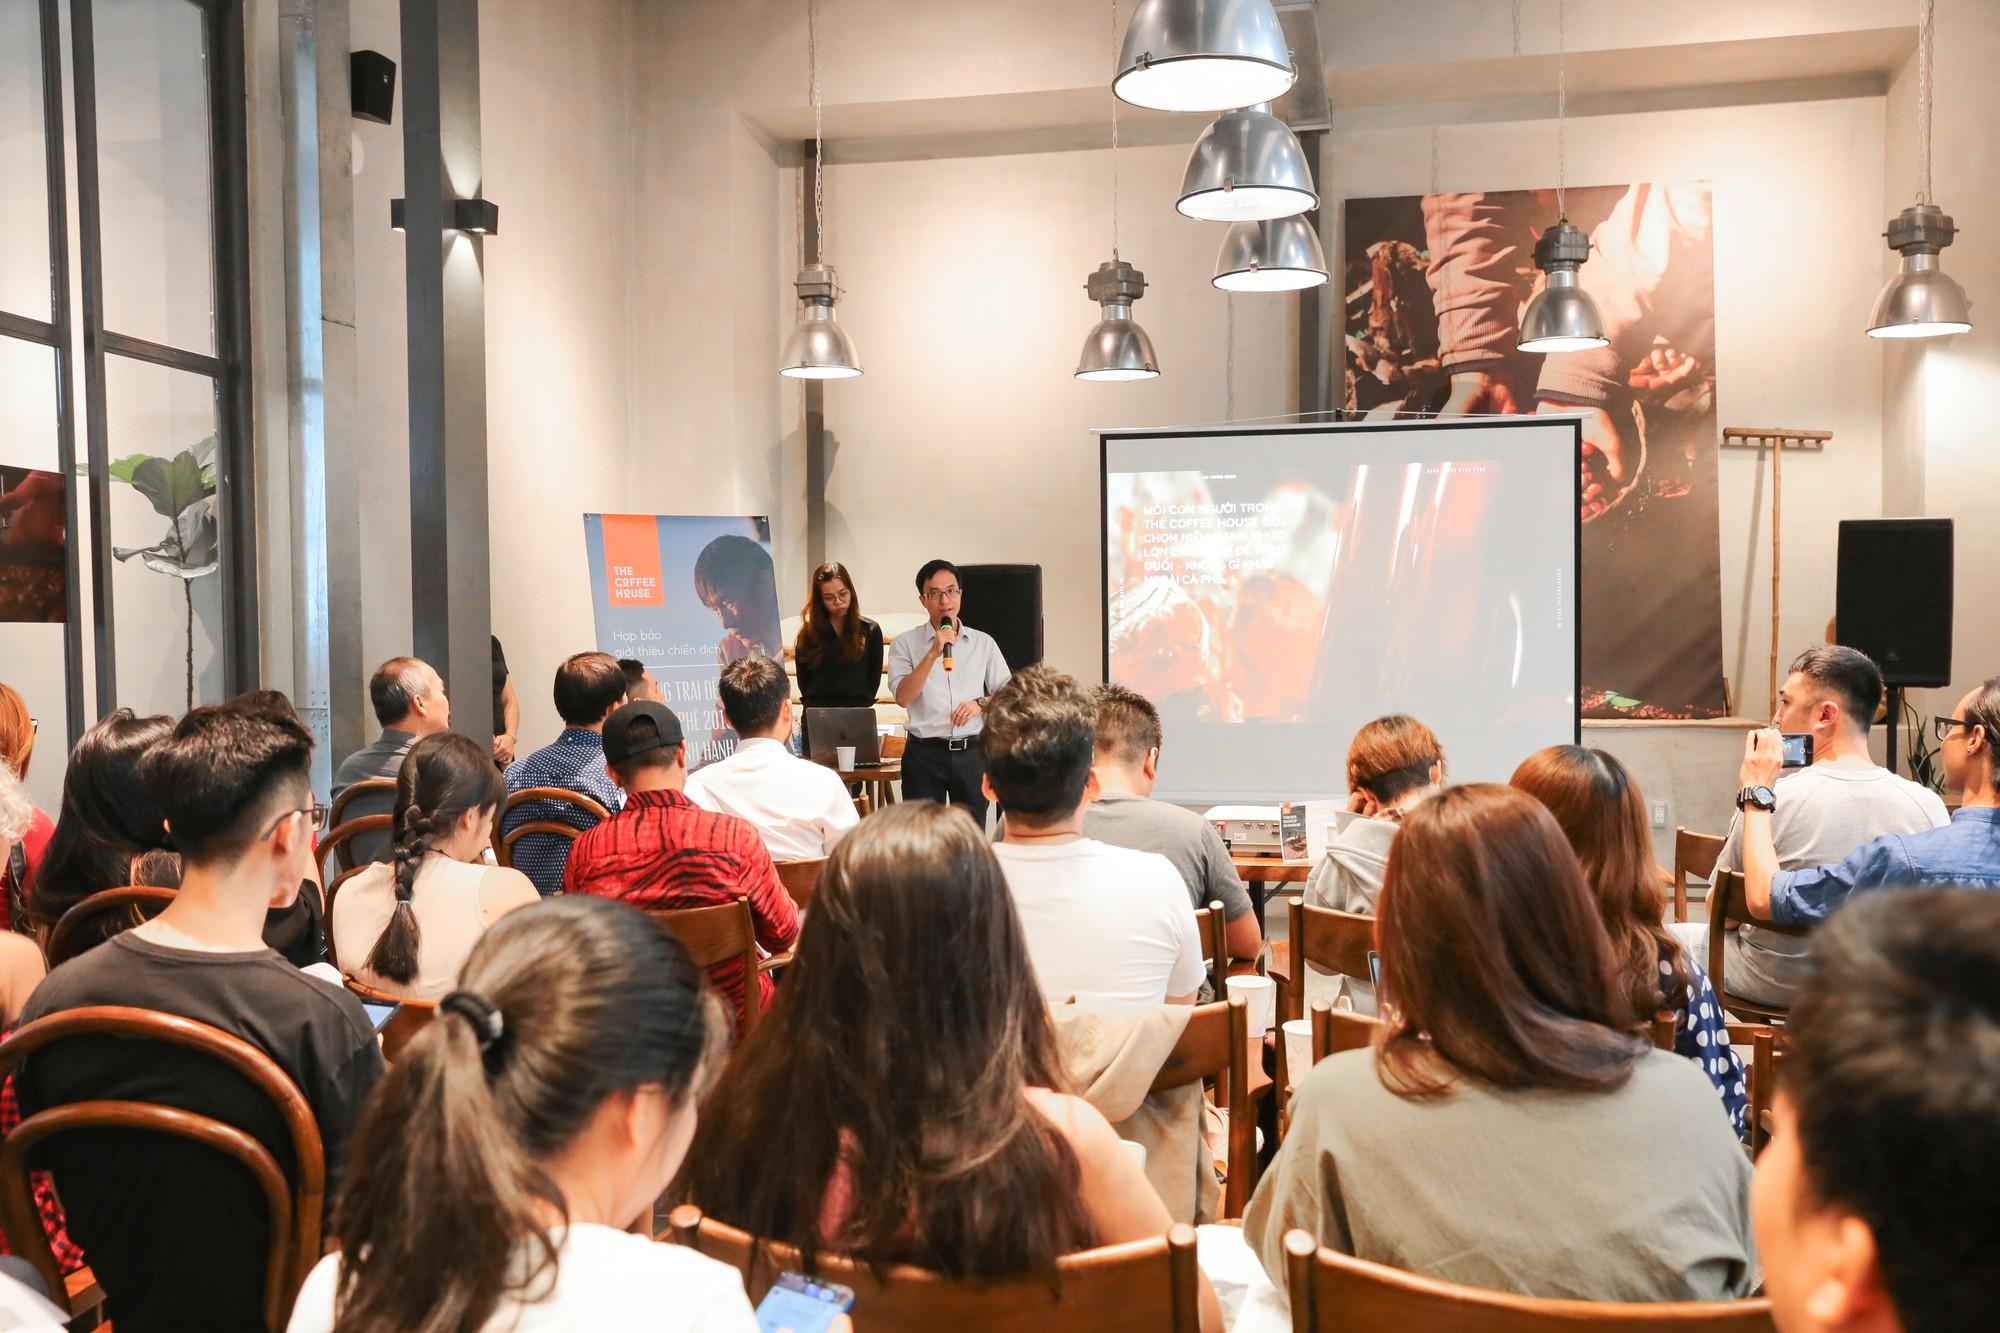 CEO The Coffee House: Cà phê sạch - giải pháp cho thực trạng cà phê giá rẻ, chất lượng thấp - Ảnh 2.